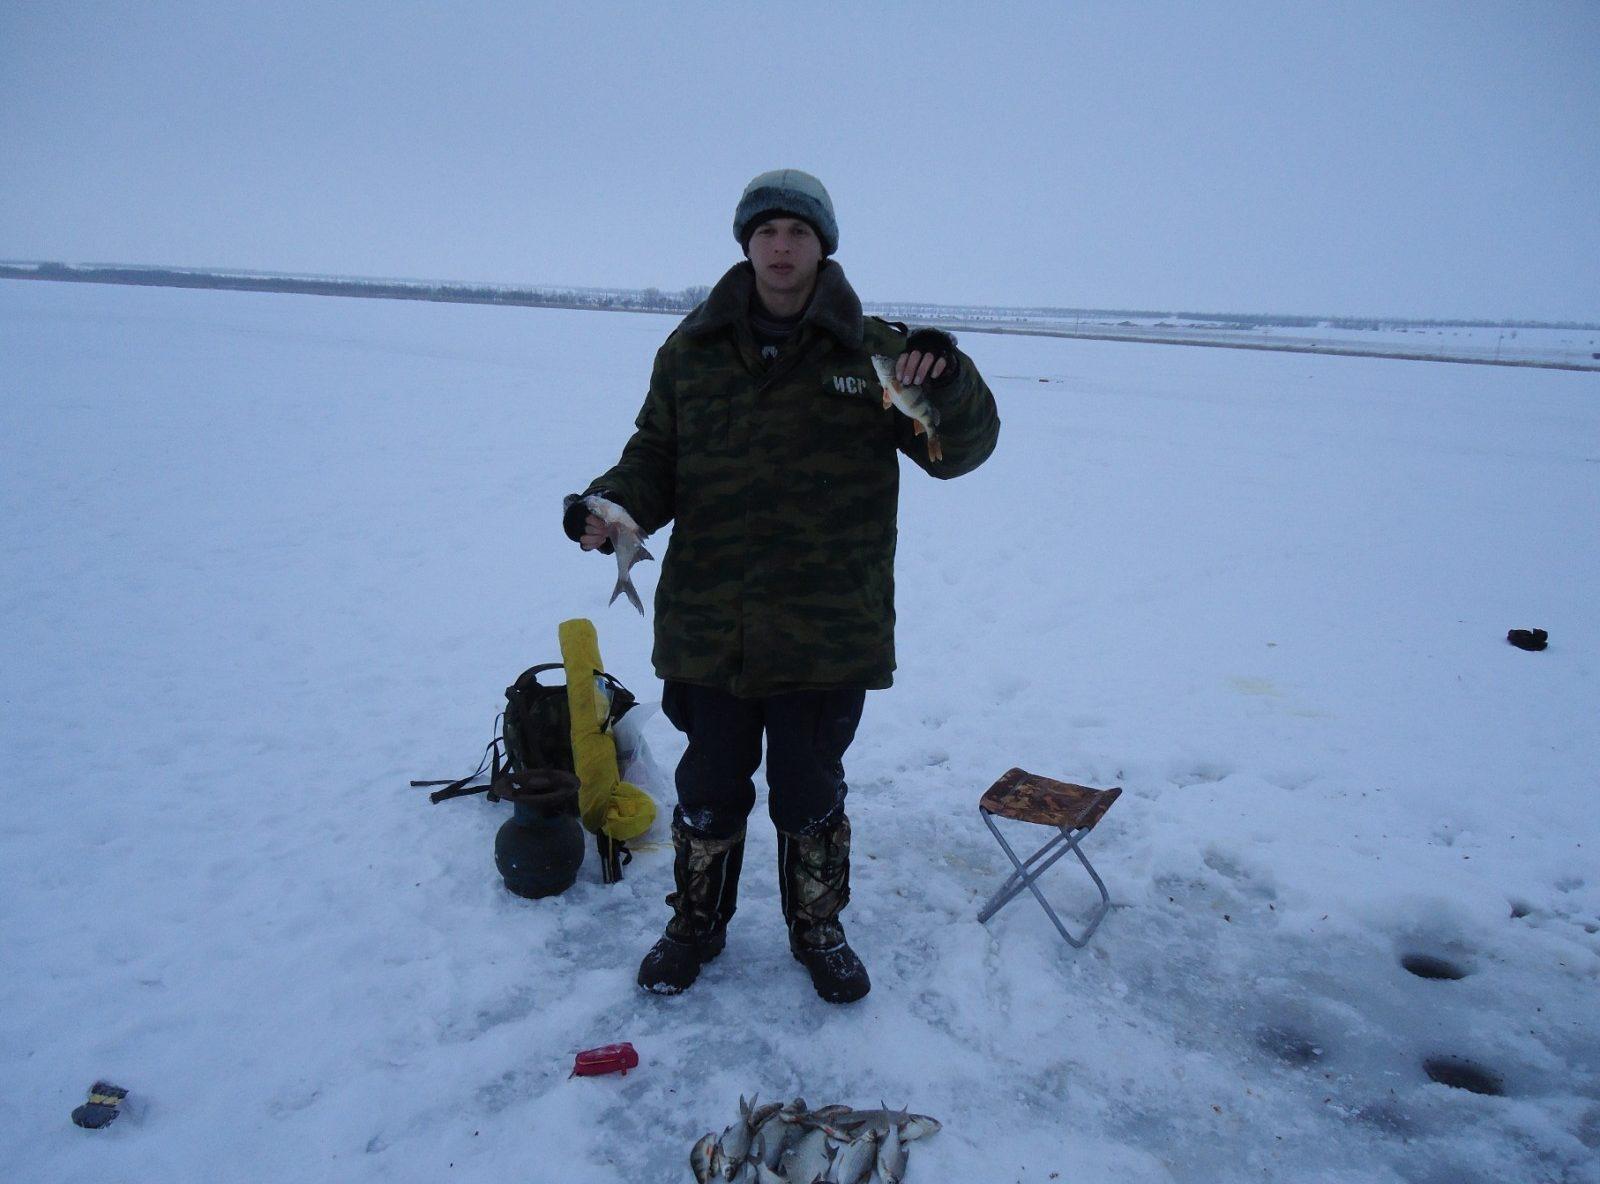 Парень на льду на зимней рыбалке